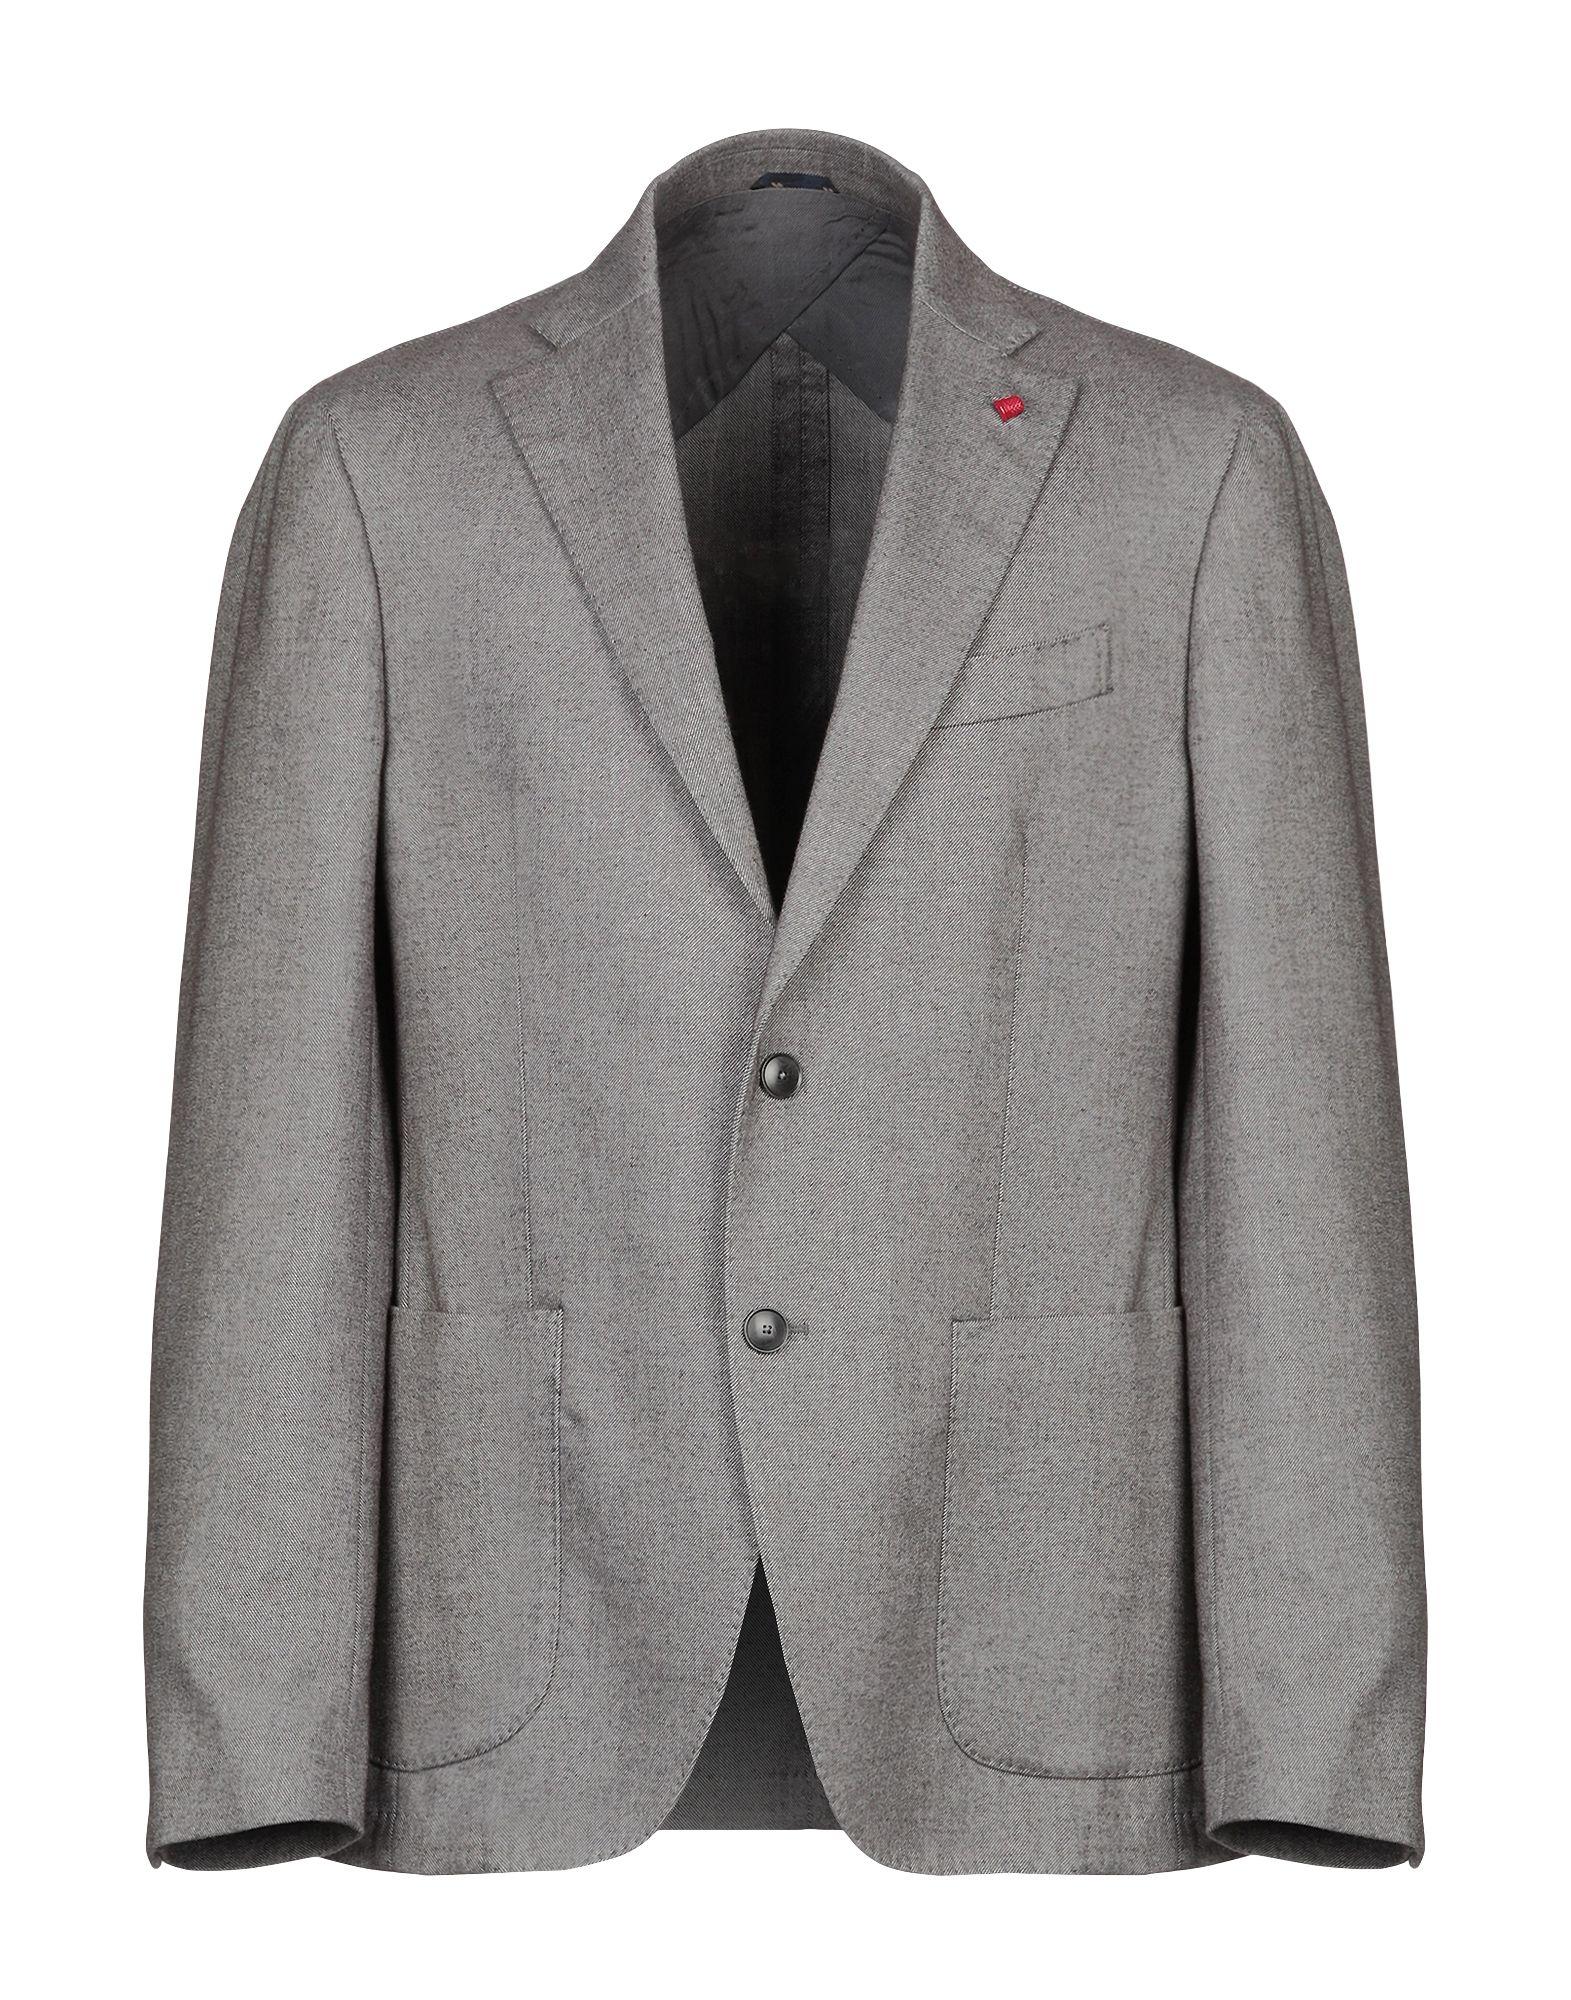 《送料無料》SARTORIA LATORRE メンズ テーラードジャケット カーキ 54 コットン 100%